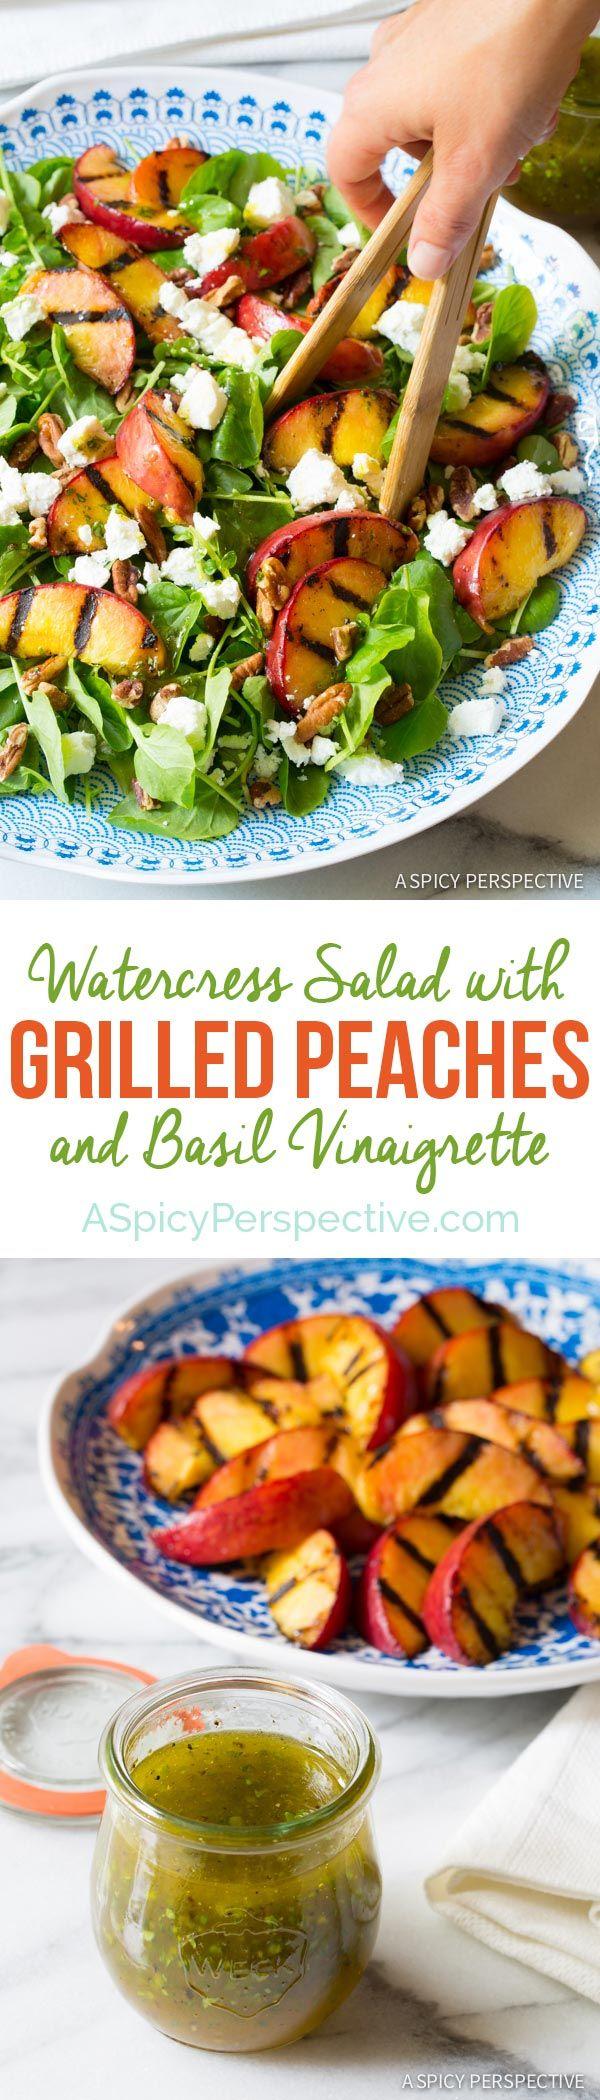 Ensalada de berros increíblemente sencilla con melocotones a la parrilla y vinagreta de albahaca en ASpicyPerspective.com #salad #peaches